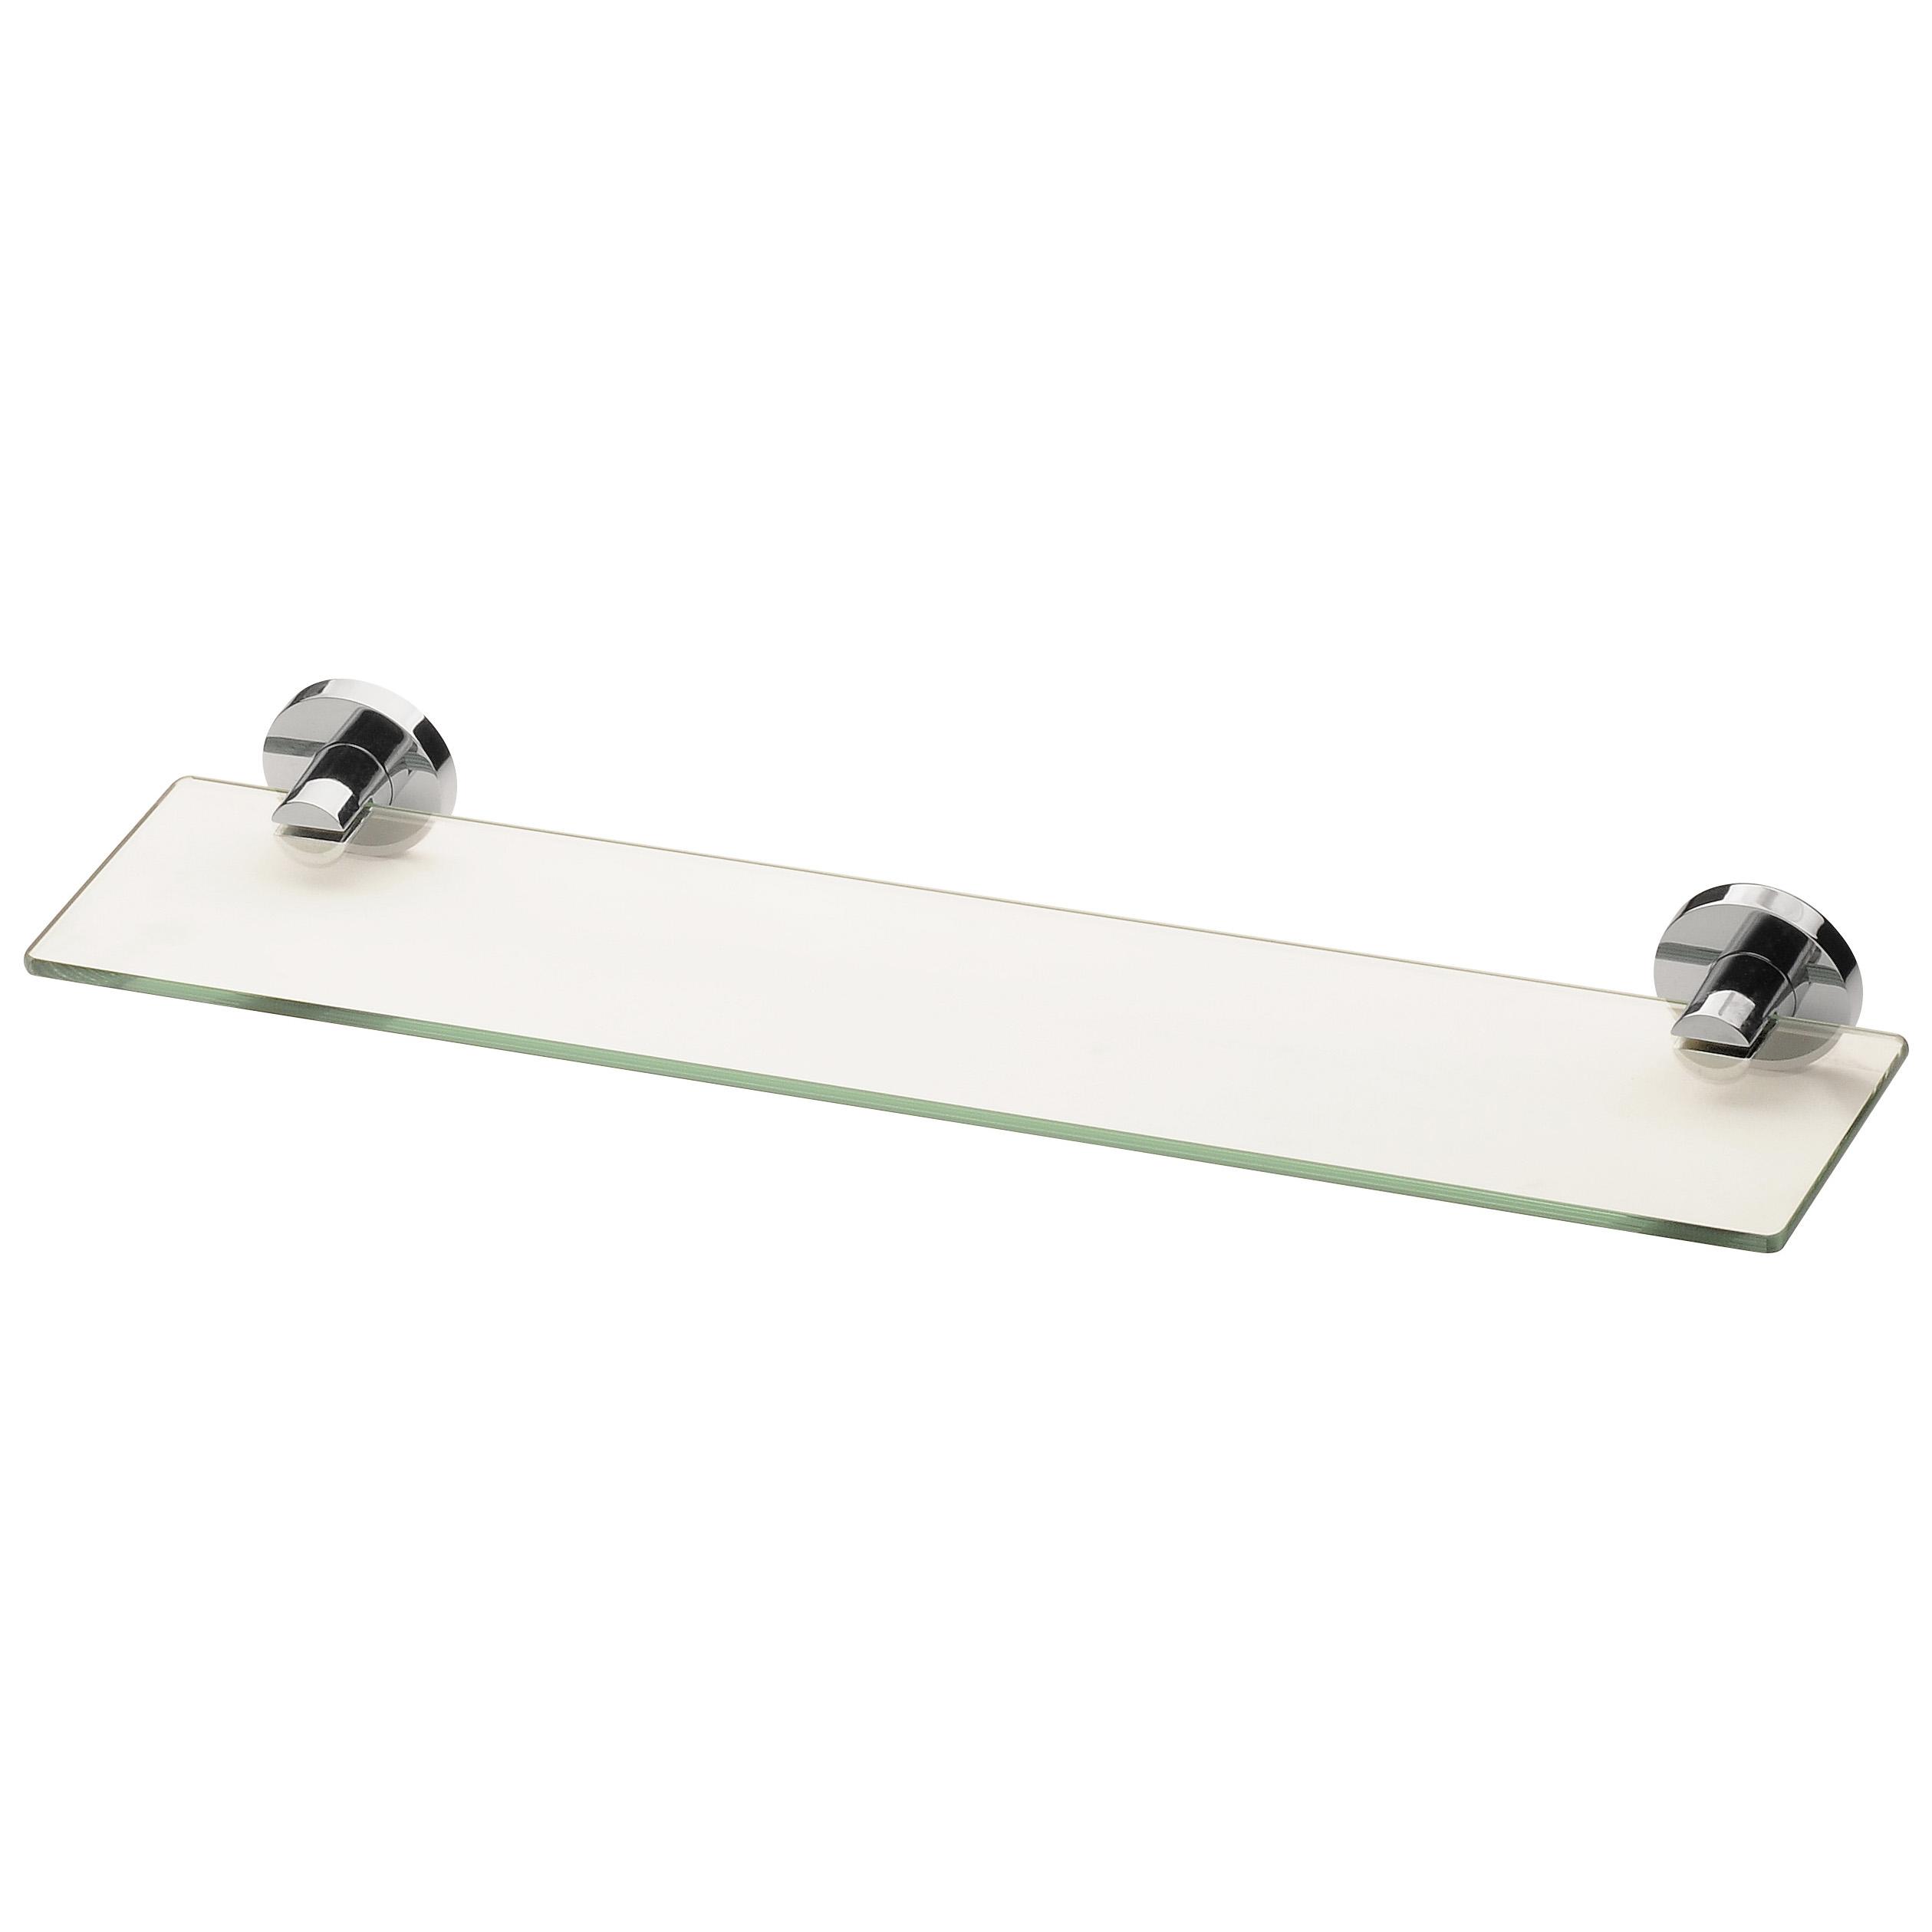 Phoenix Radii Glass Shelf Round Chrome